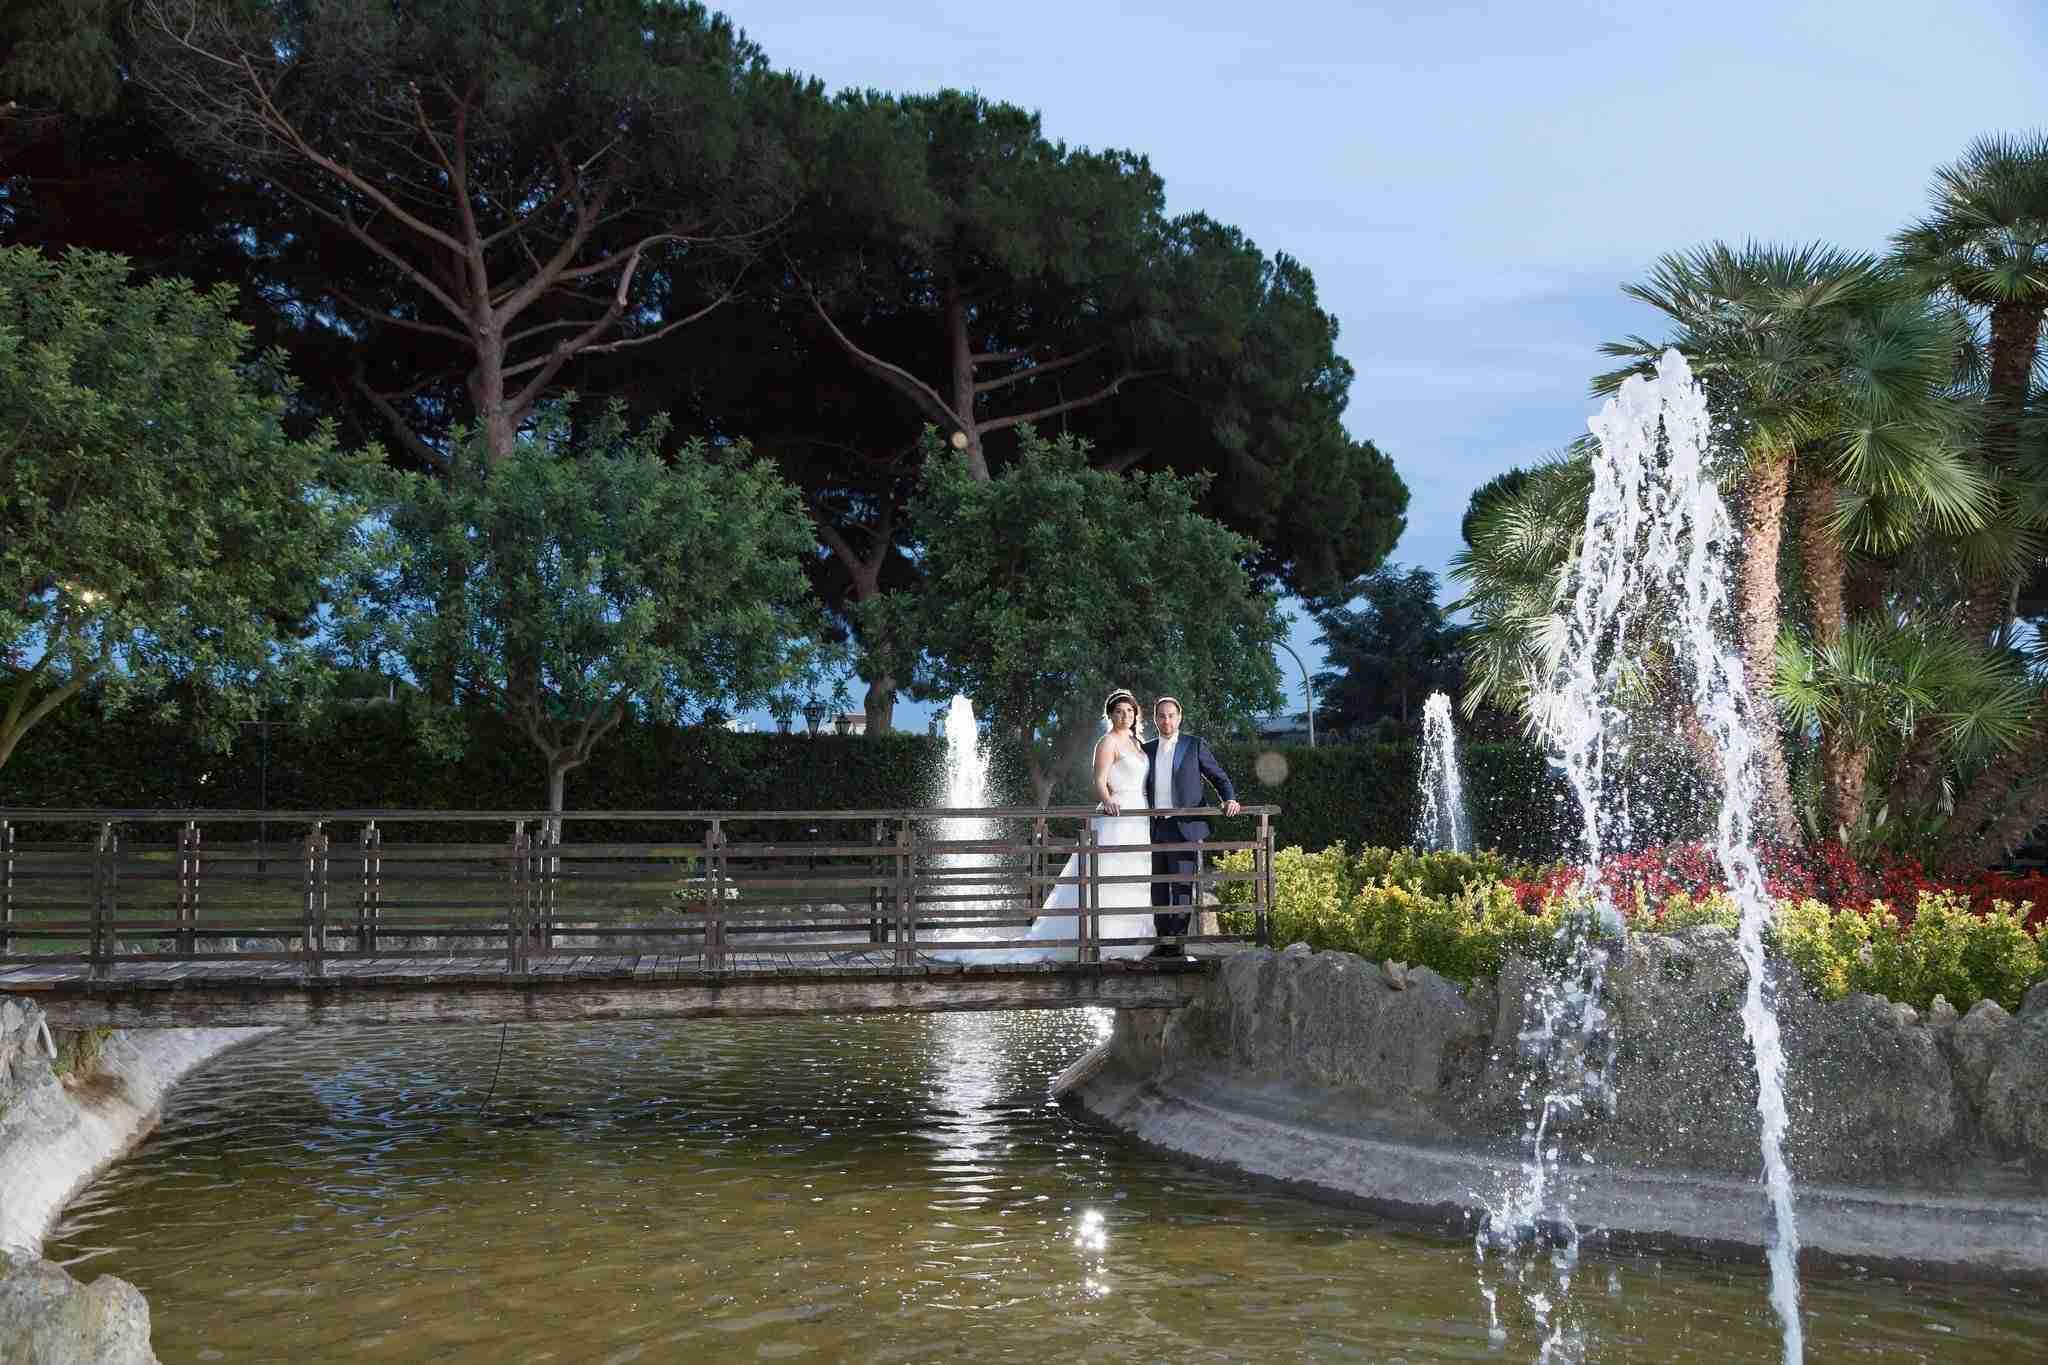 Matrimonio al Casale la corte di arenaro: giardino con fontana, laghetto